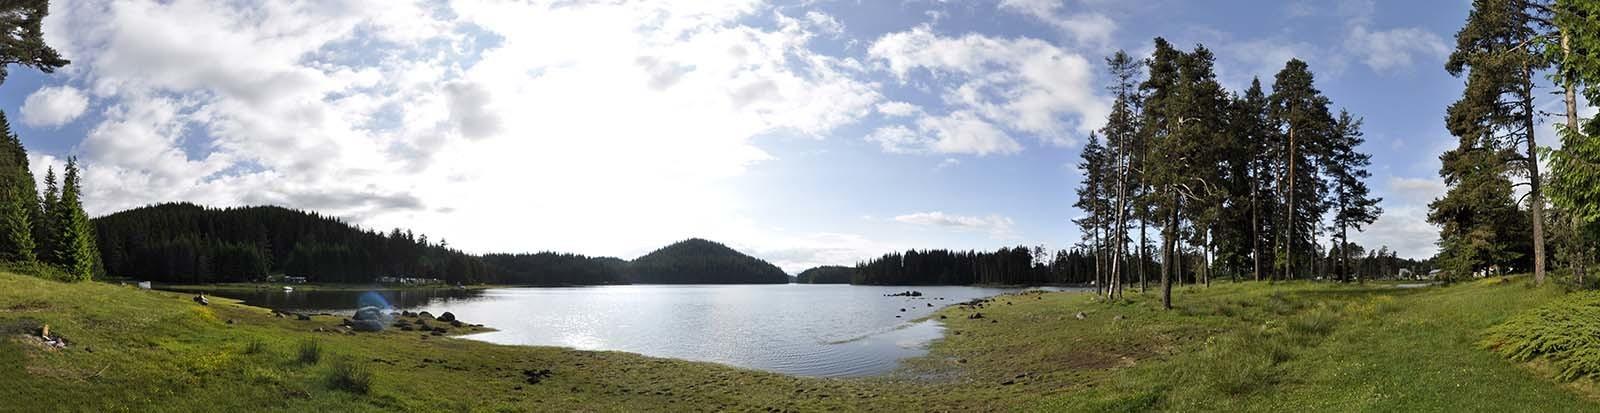 A to już serce dzikich Rodopów - tejemnicze jezioro Sziroka Polyana.